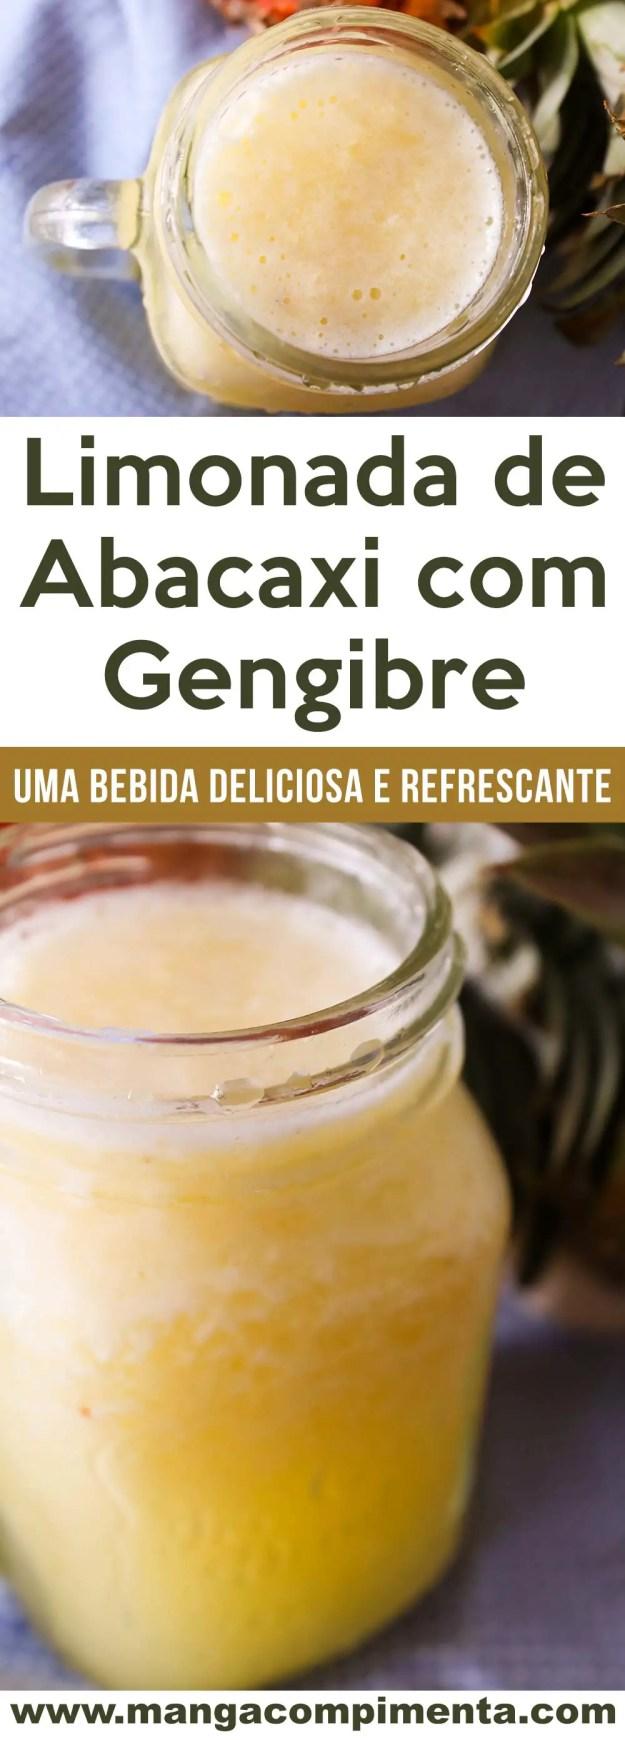 Limonada de Abacaxi com Gengibre - uma bebida refrescante para qualquer momento do dia!